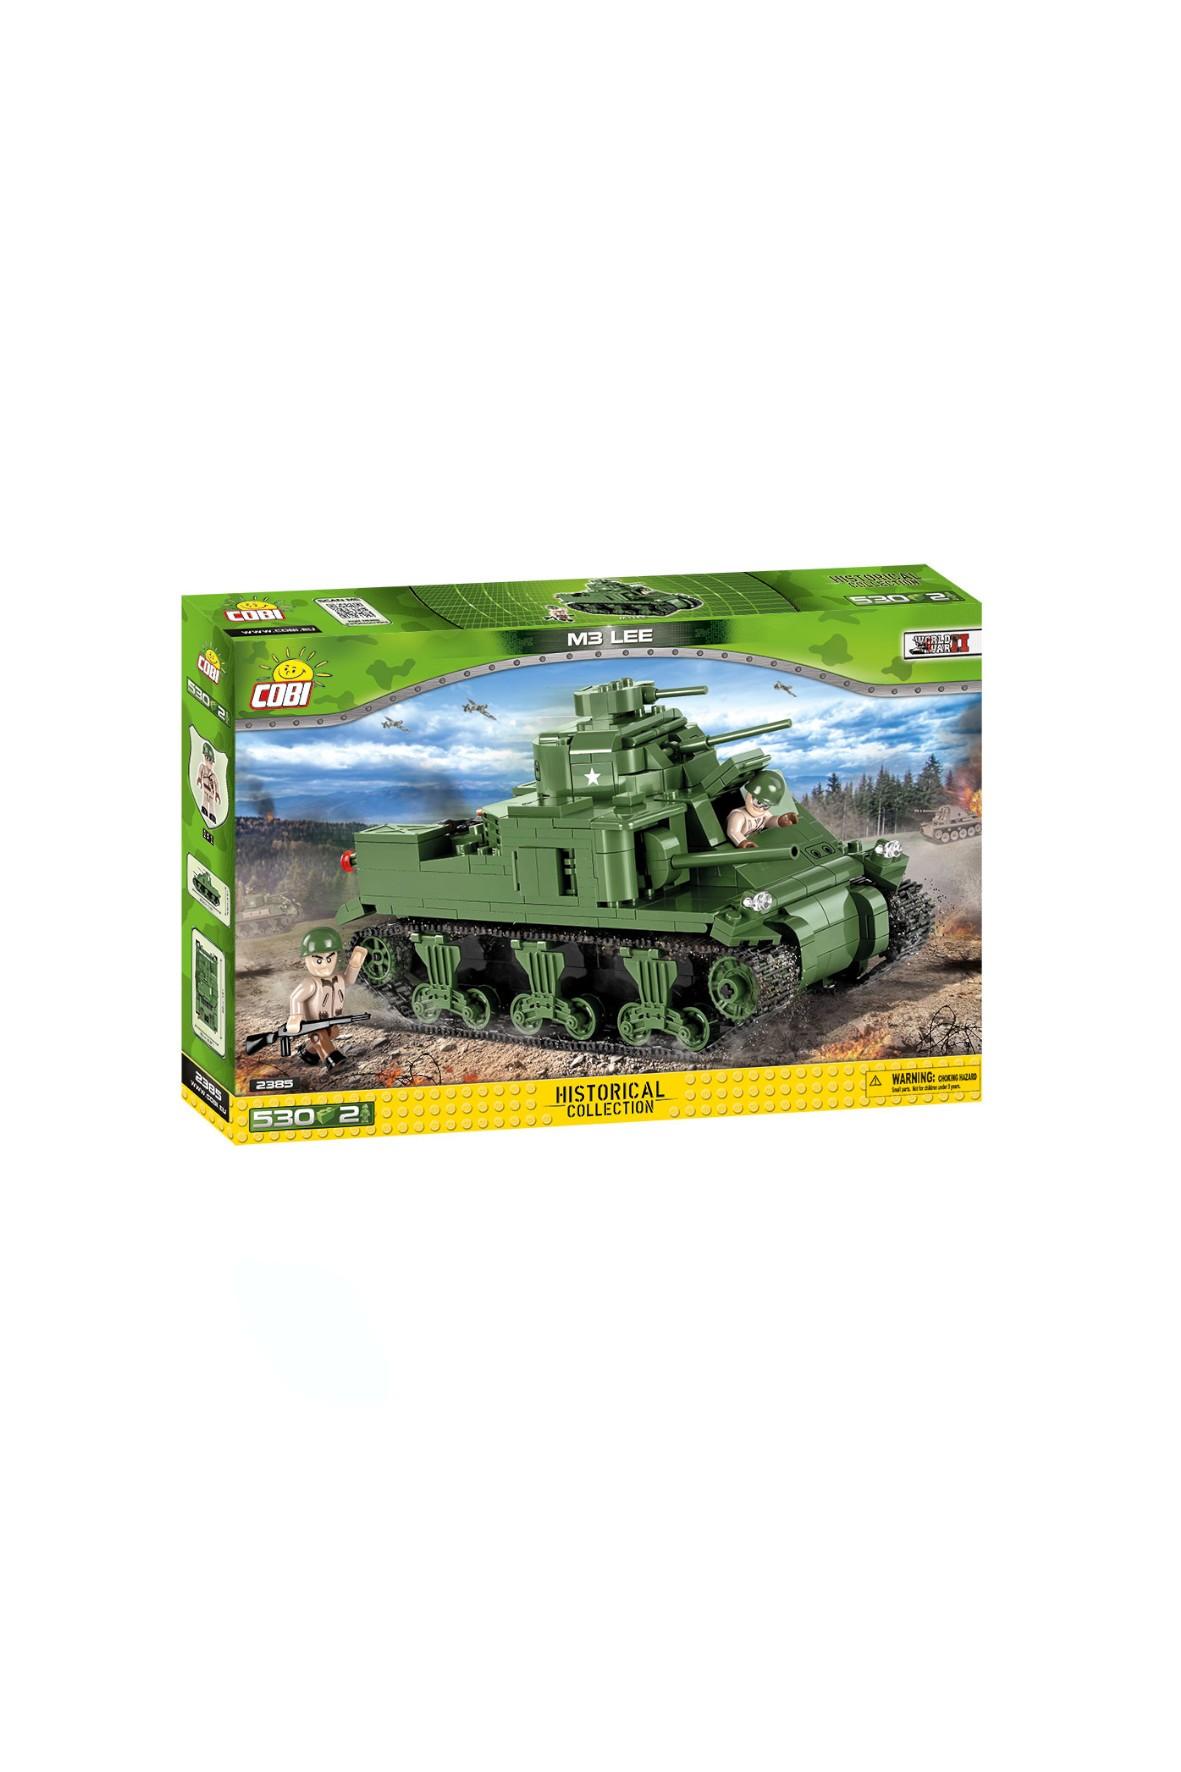 Klocki COBI 2Y35BZ Small army 2385